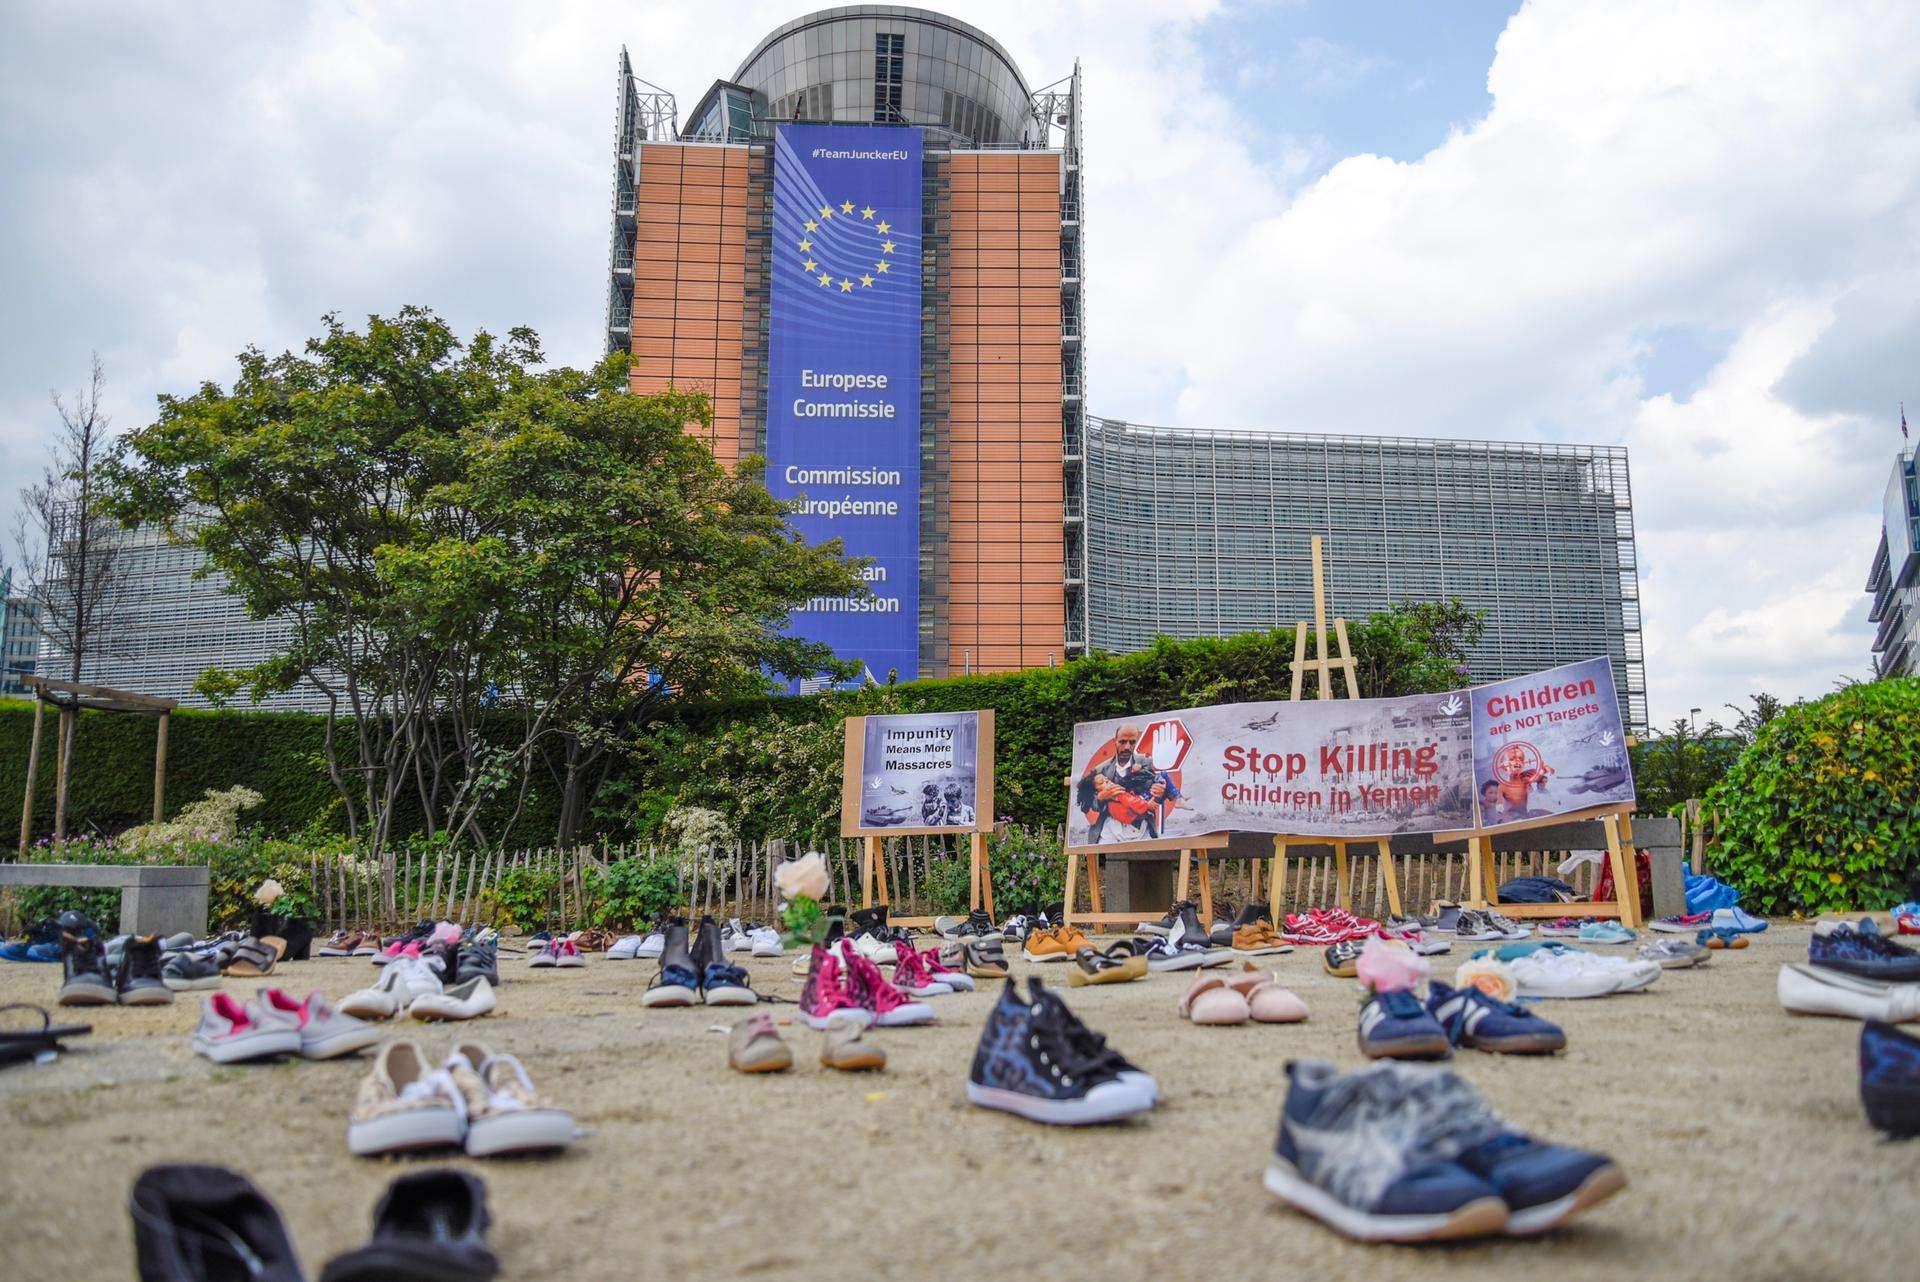 مقتل وإصابة 12 ألف طفل منذ بدء هجمات التحالف..مئات الأحذية في ساحة مقر المفوضية الأوروبية احتجاجًا على الجرائم بحق أطفال اليمن